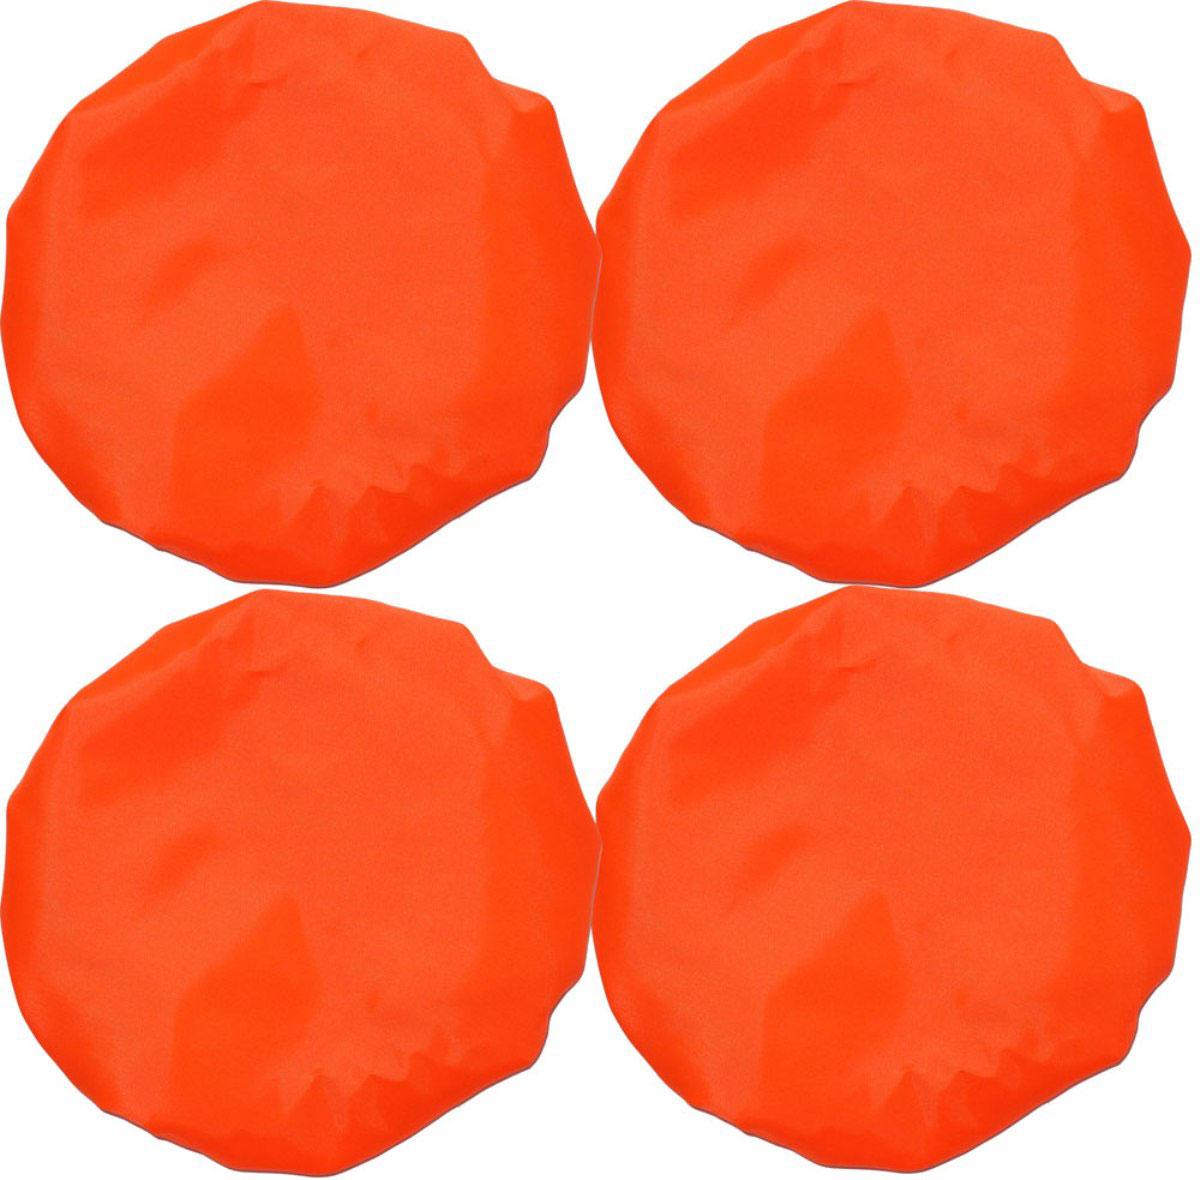 Чудо-Чадо Чехлы на колеса для коляски диаметр 28-38 см цвет оранжевый 4 шт чехлы для рапир москва